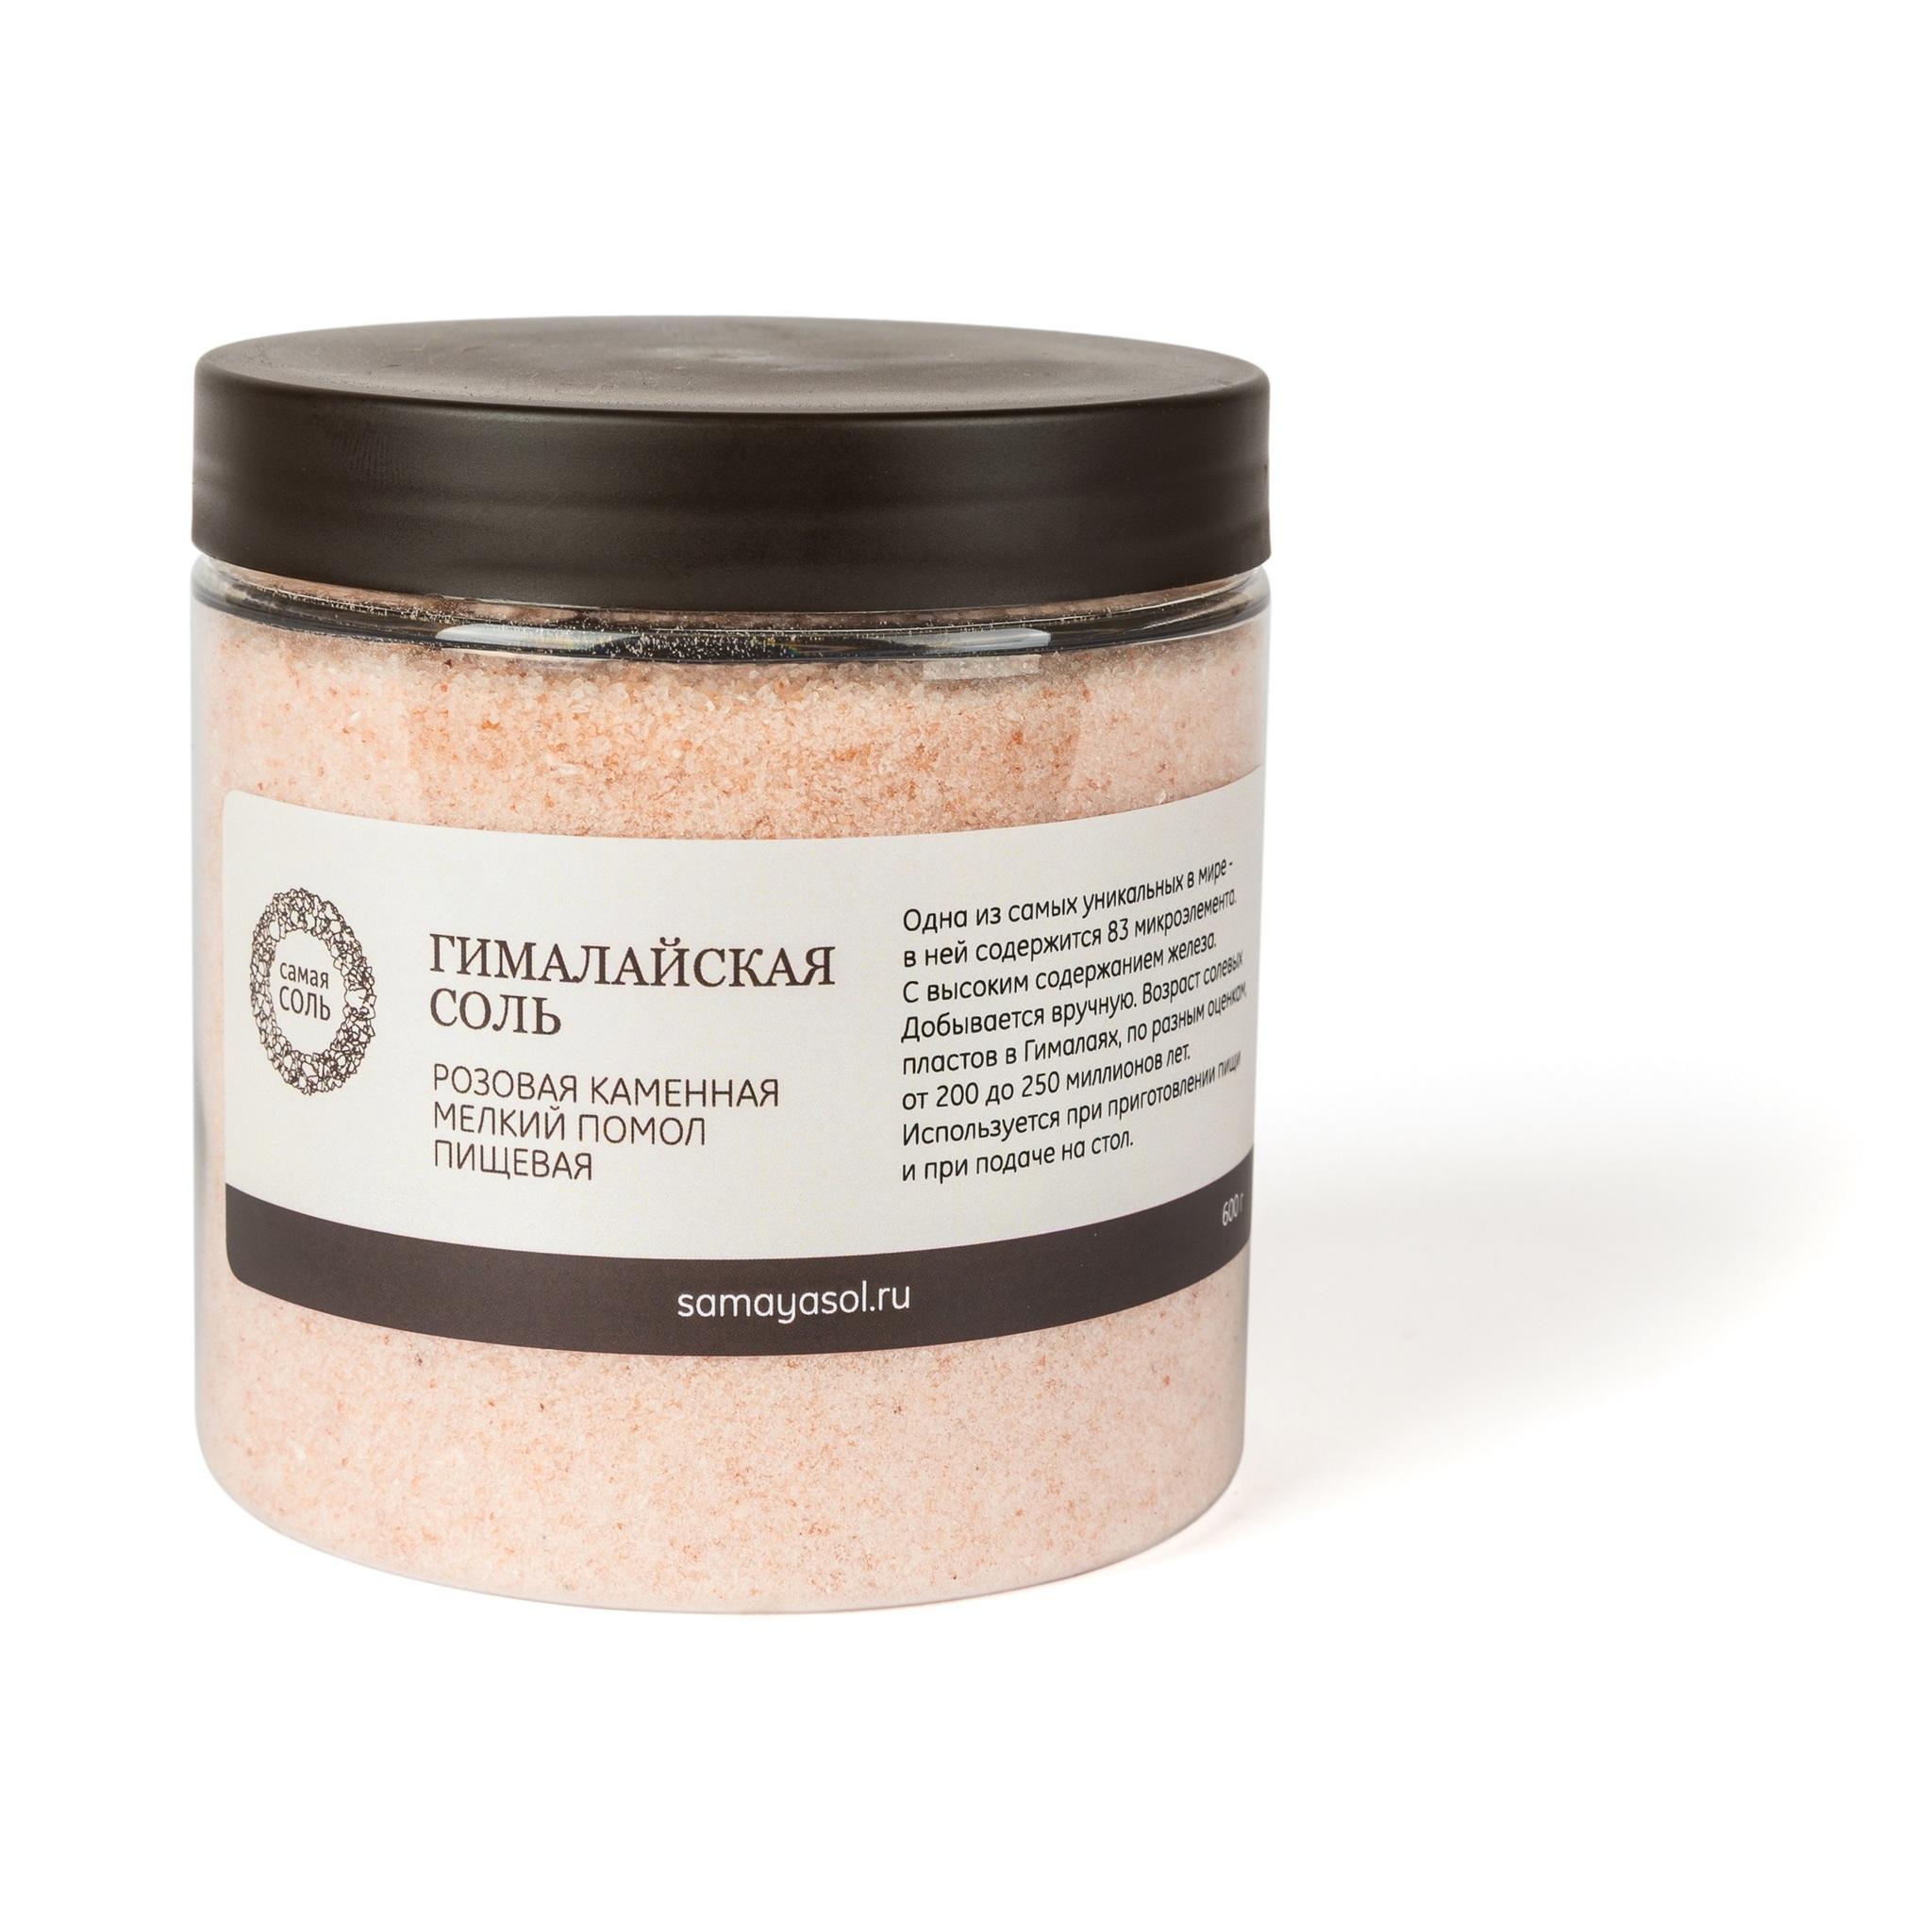 Гималайская соль мелкая пищевая, 600 г Образ жизни (подписка)